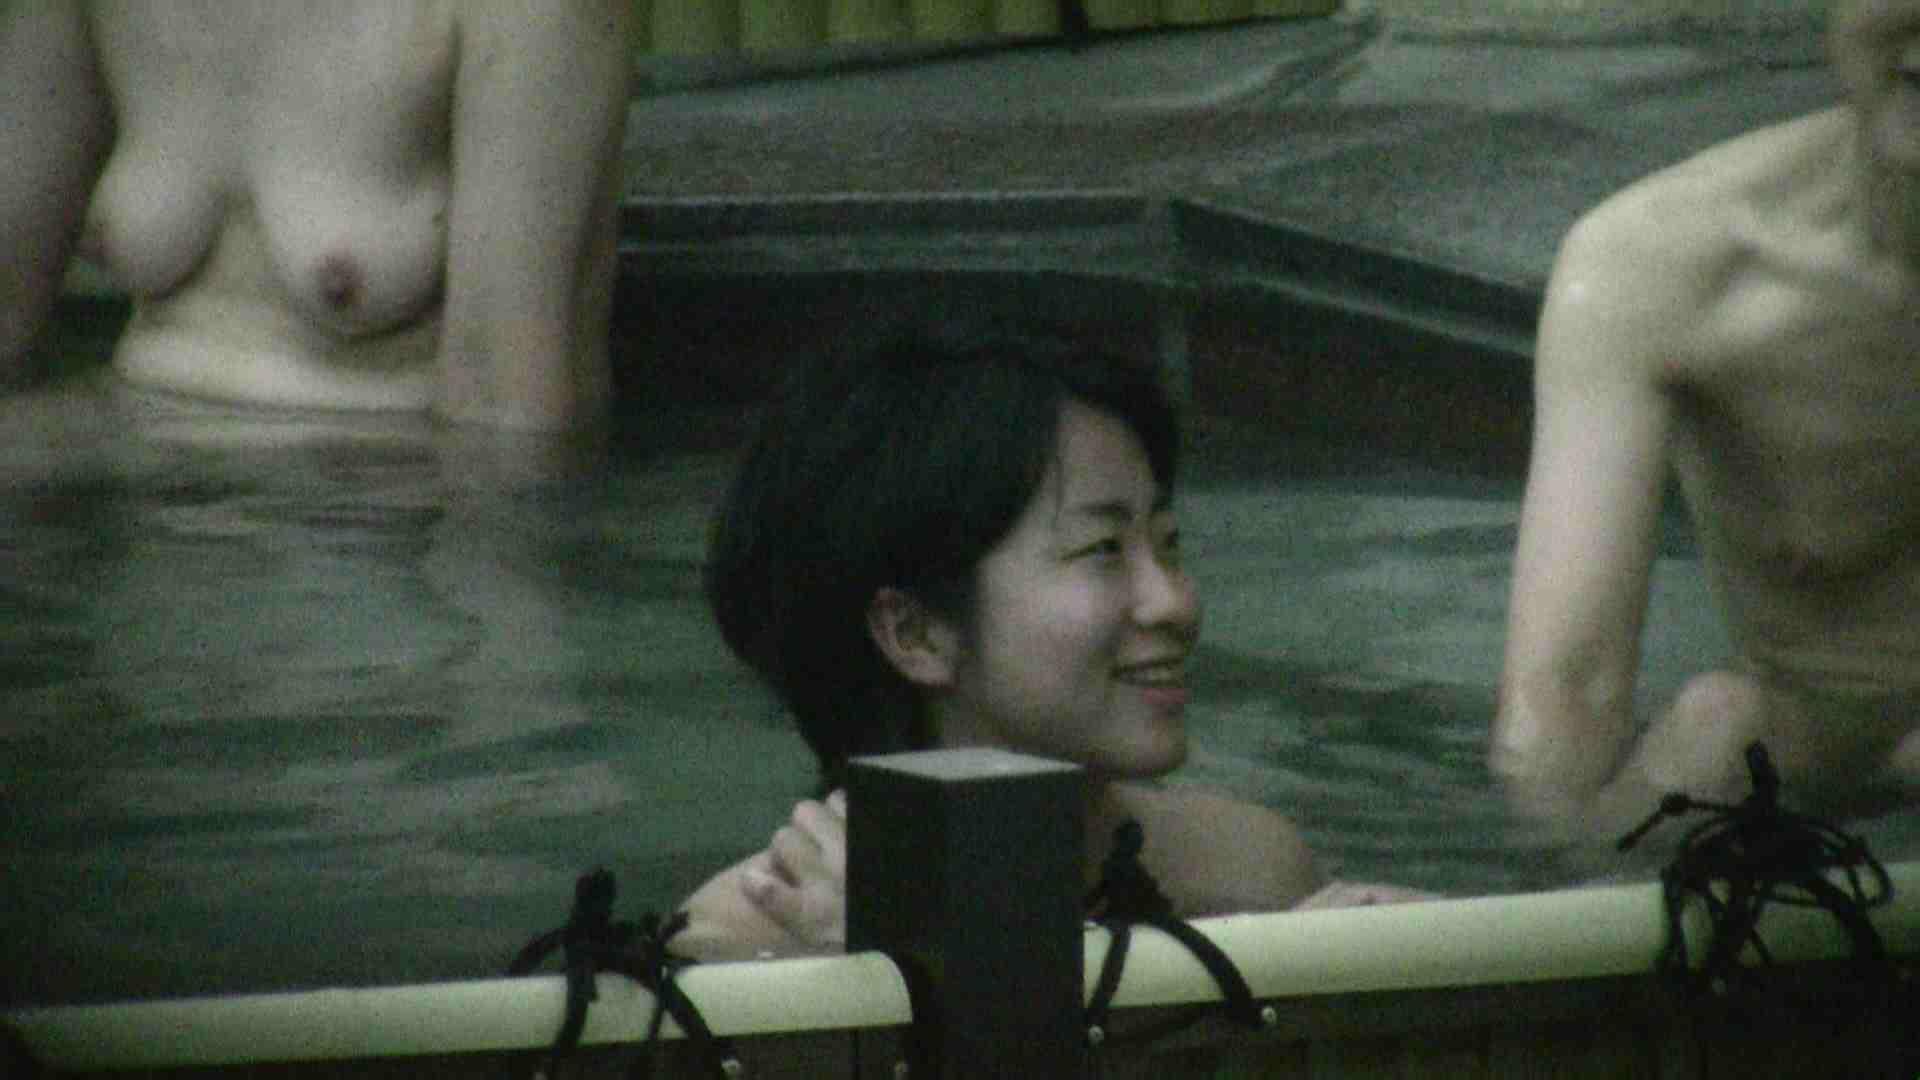 Aquaな露天風呂Vol.112 露天 | 綺麗なOLたち  73枚 67